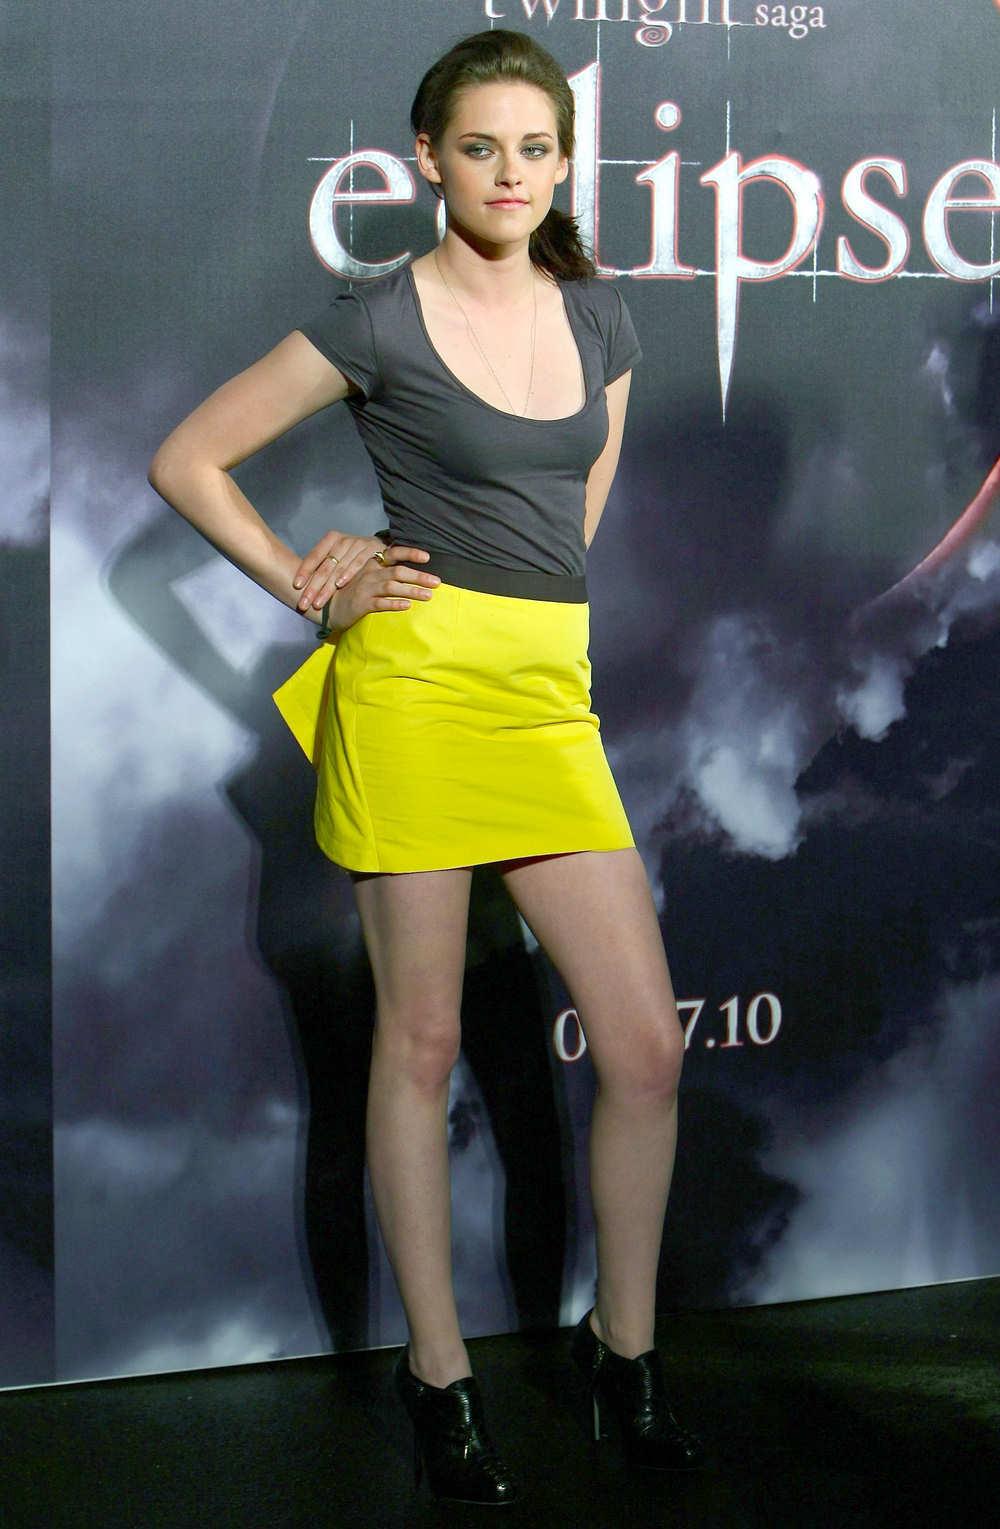 Kristen Stewart's Evolution From 2000 Til Now